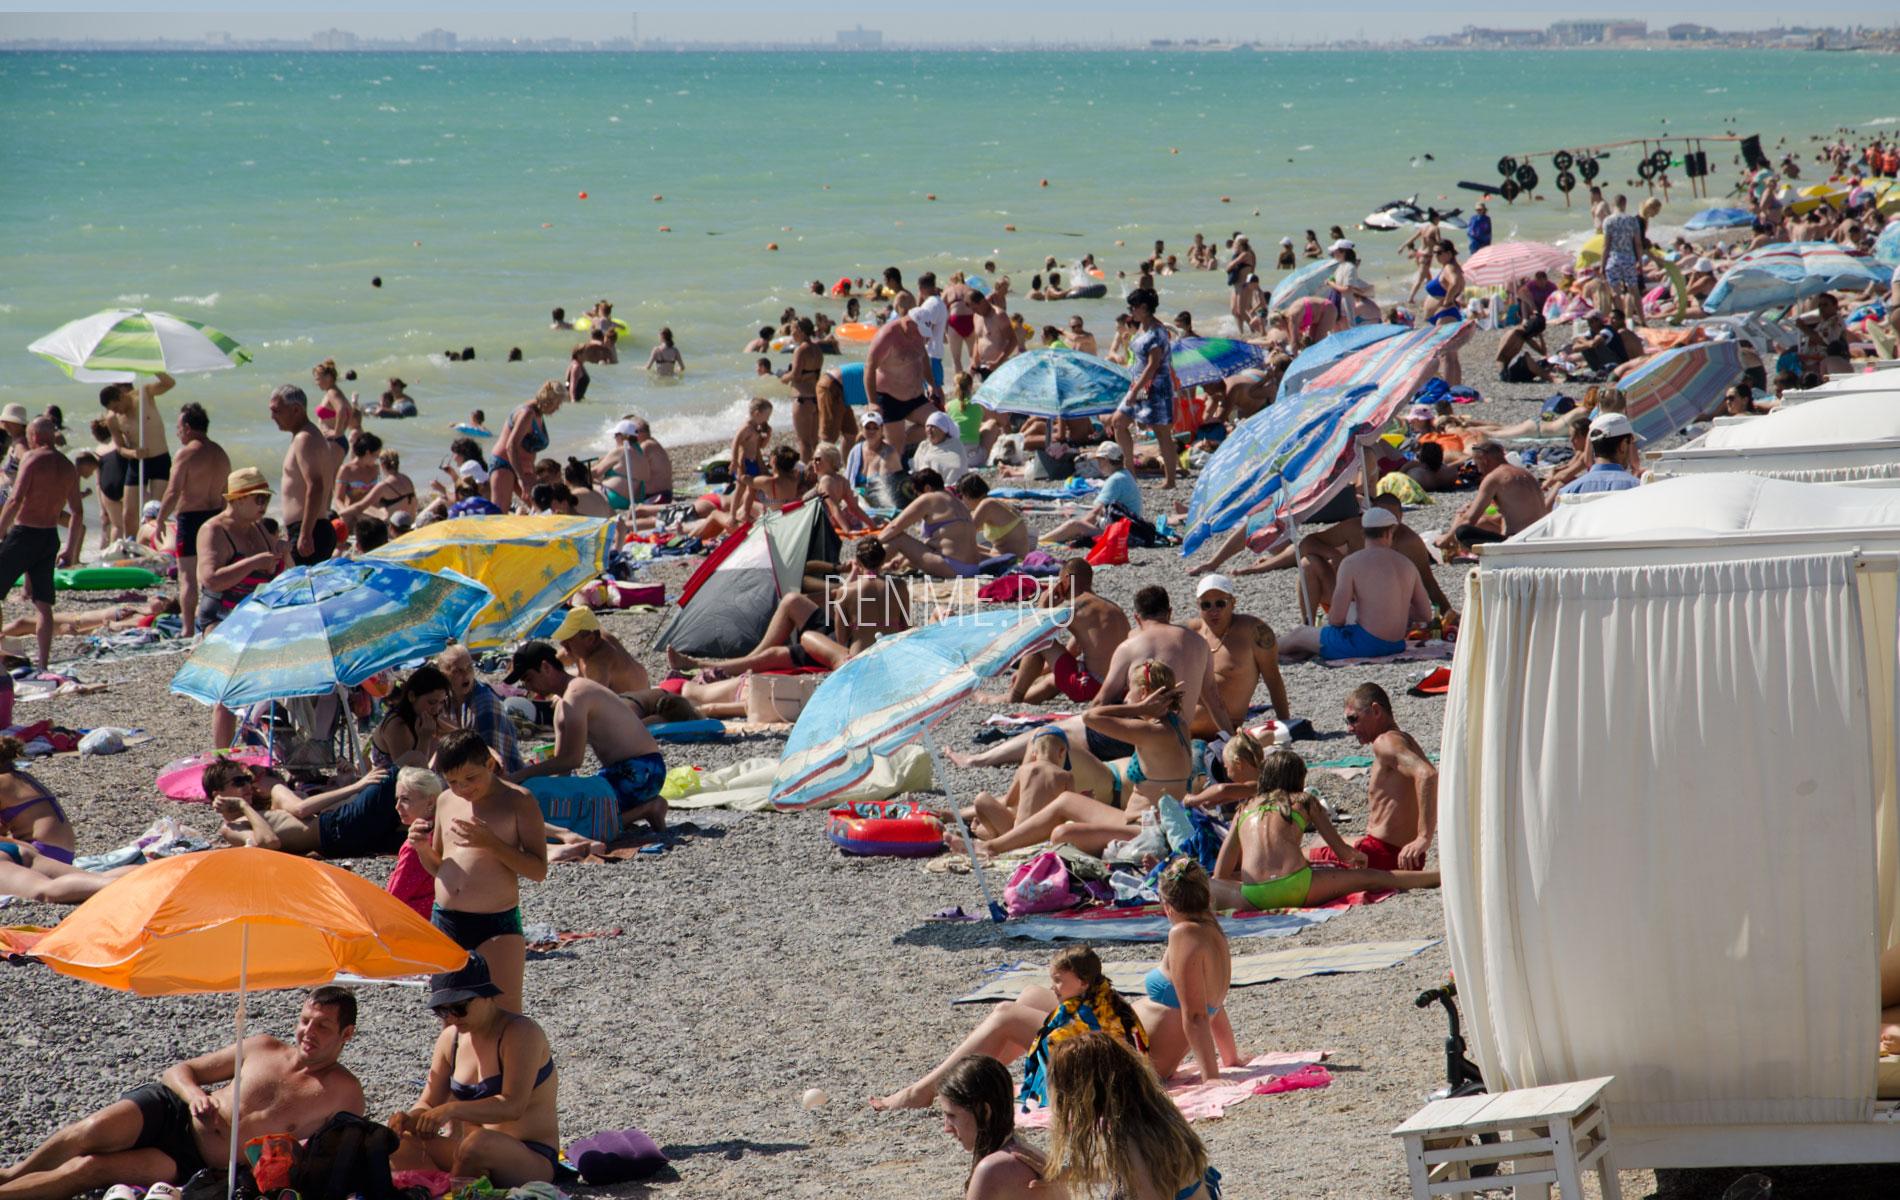 Пляжная жизнь в июле. Фото Новофедоровки